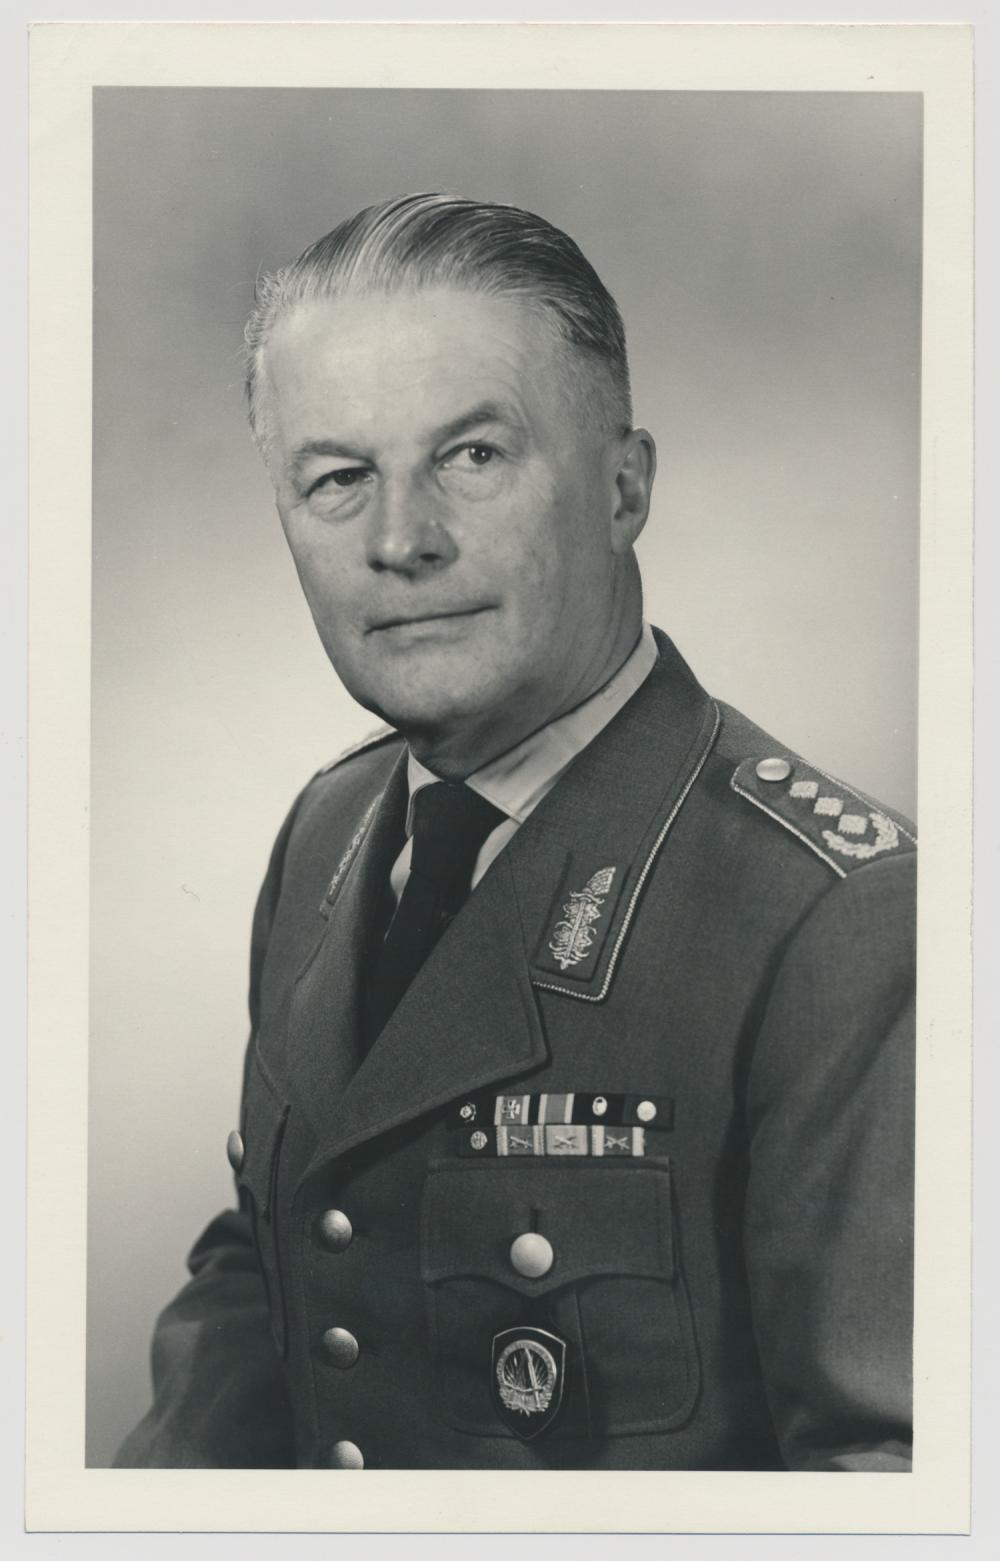 BURKHART MULLER-HILLEBRAND